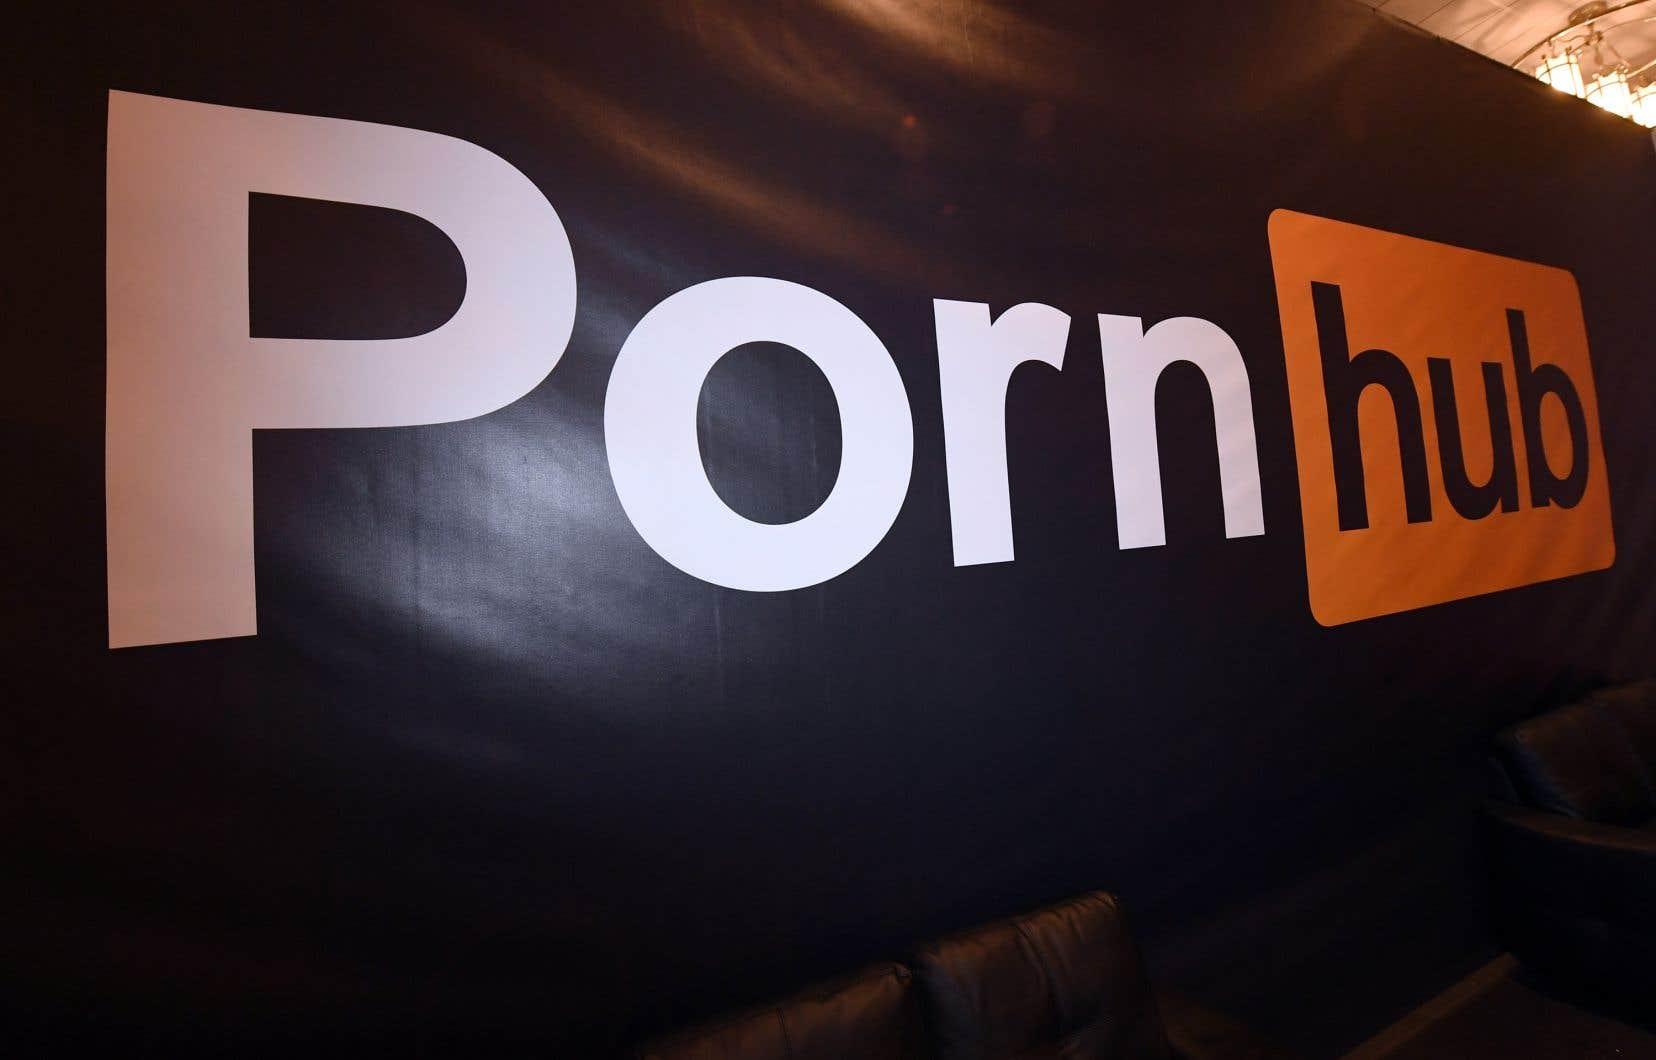 Le «New York Times» affirme avoir examiné le populaire site pornographique qui attire des milliards de visites par mois. On y trouverait des vidéos montrant des viols et l'exploitation sexuelle d'enfants.